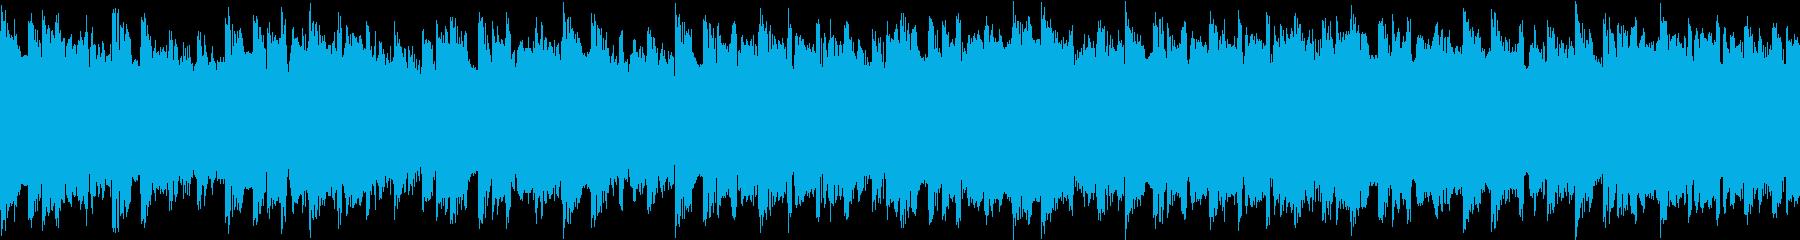 不吉 緊迫感 テクノ ループの再生済みの波形